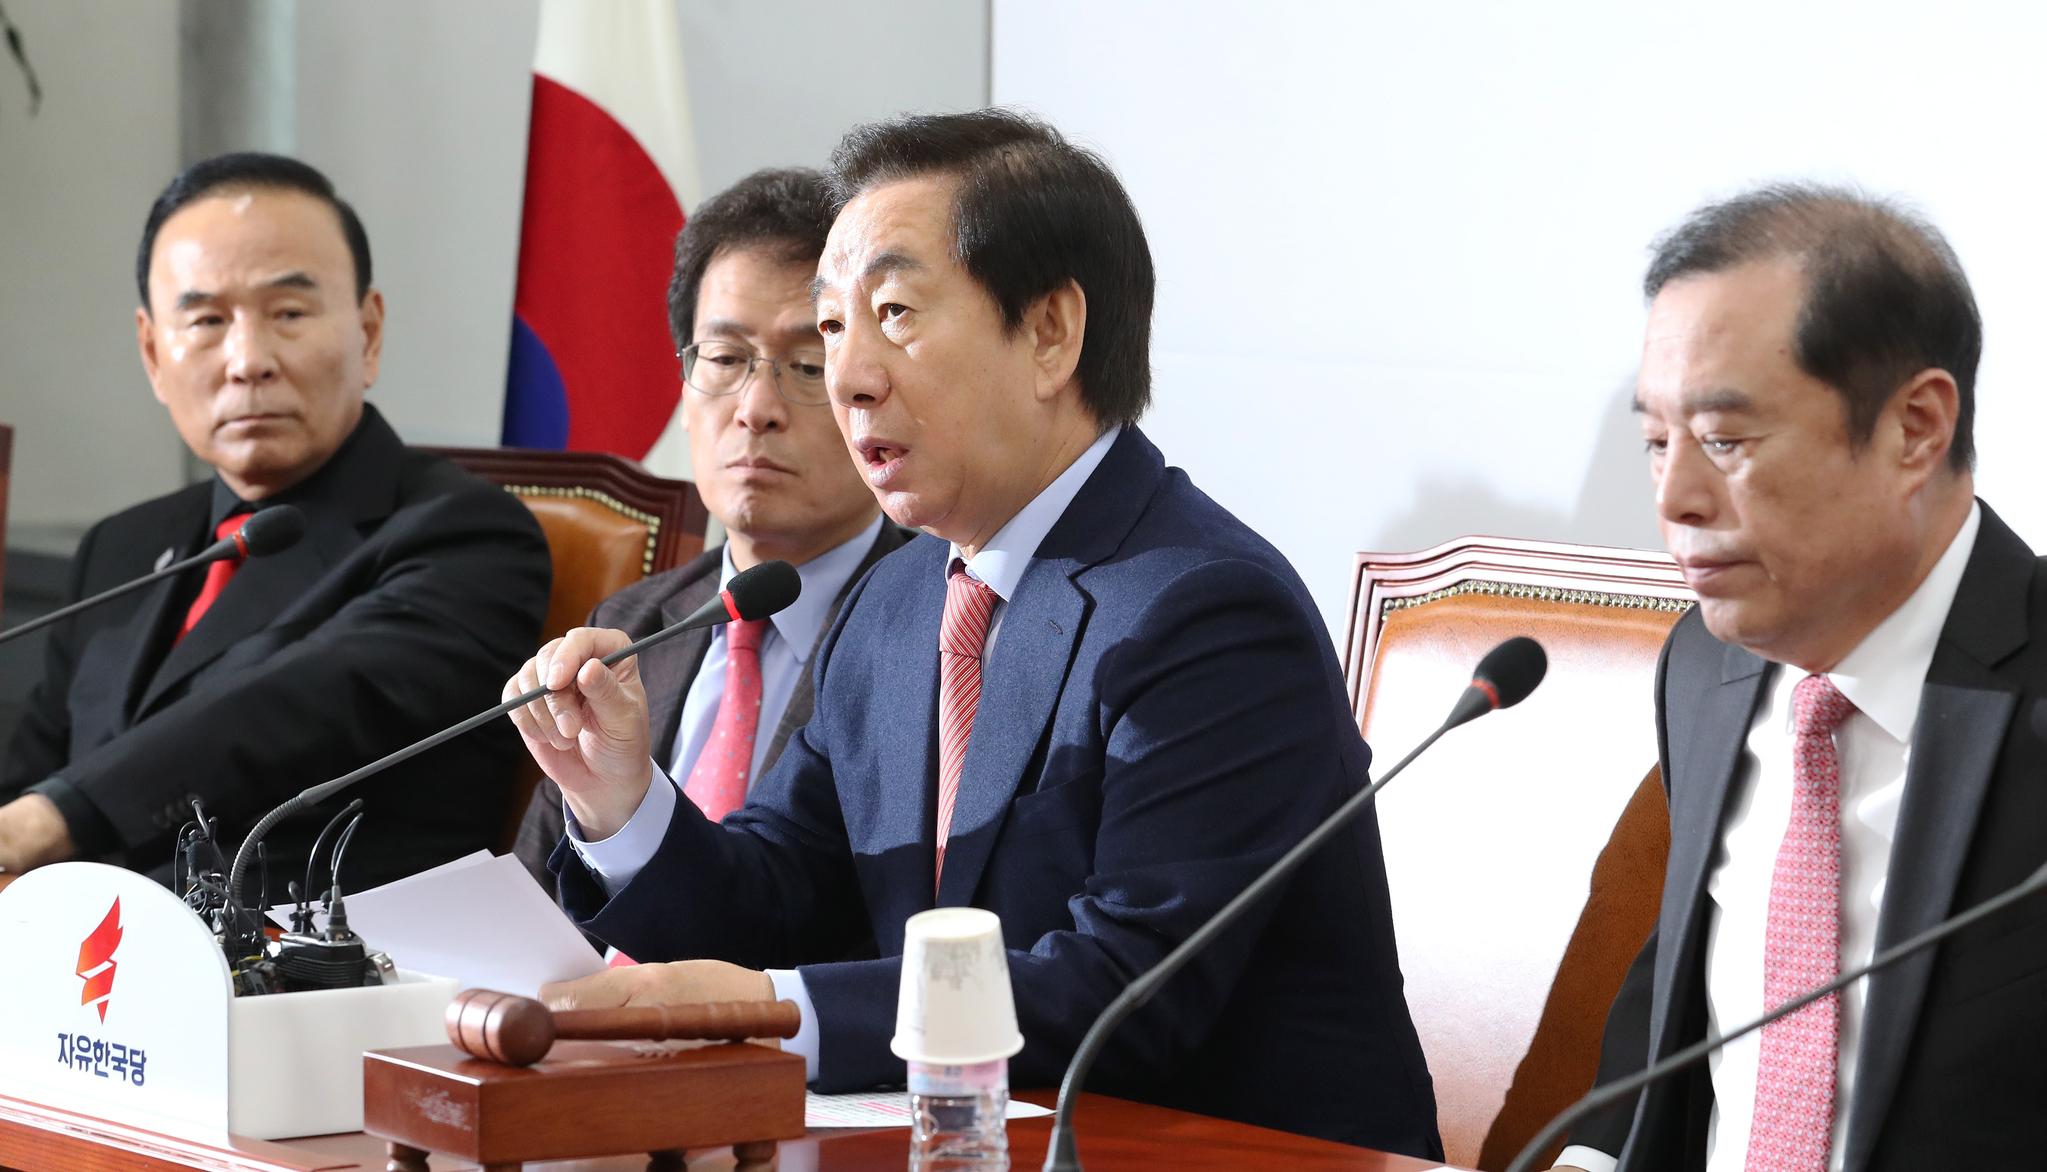 자유한국당 김성태 원내대표(오른쪽 두번째)가 6일 오전 국회에서 열린 비상대책위원회의에서 발언하고 있다. [연합뉴스]